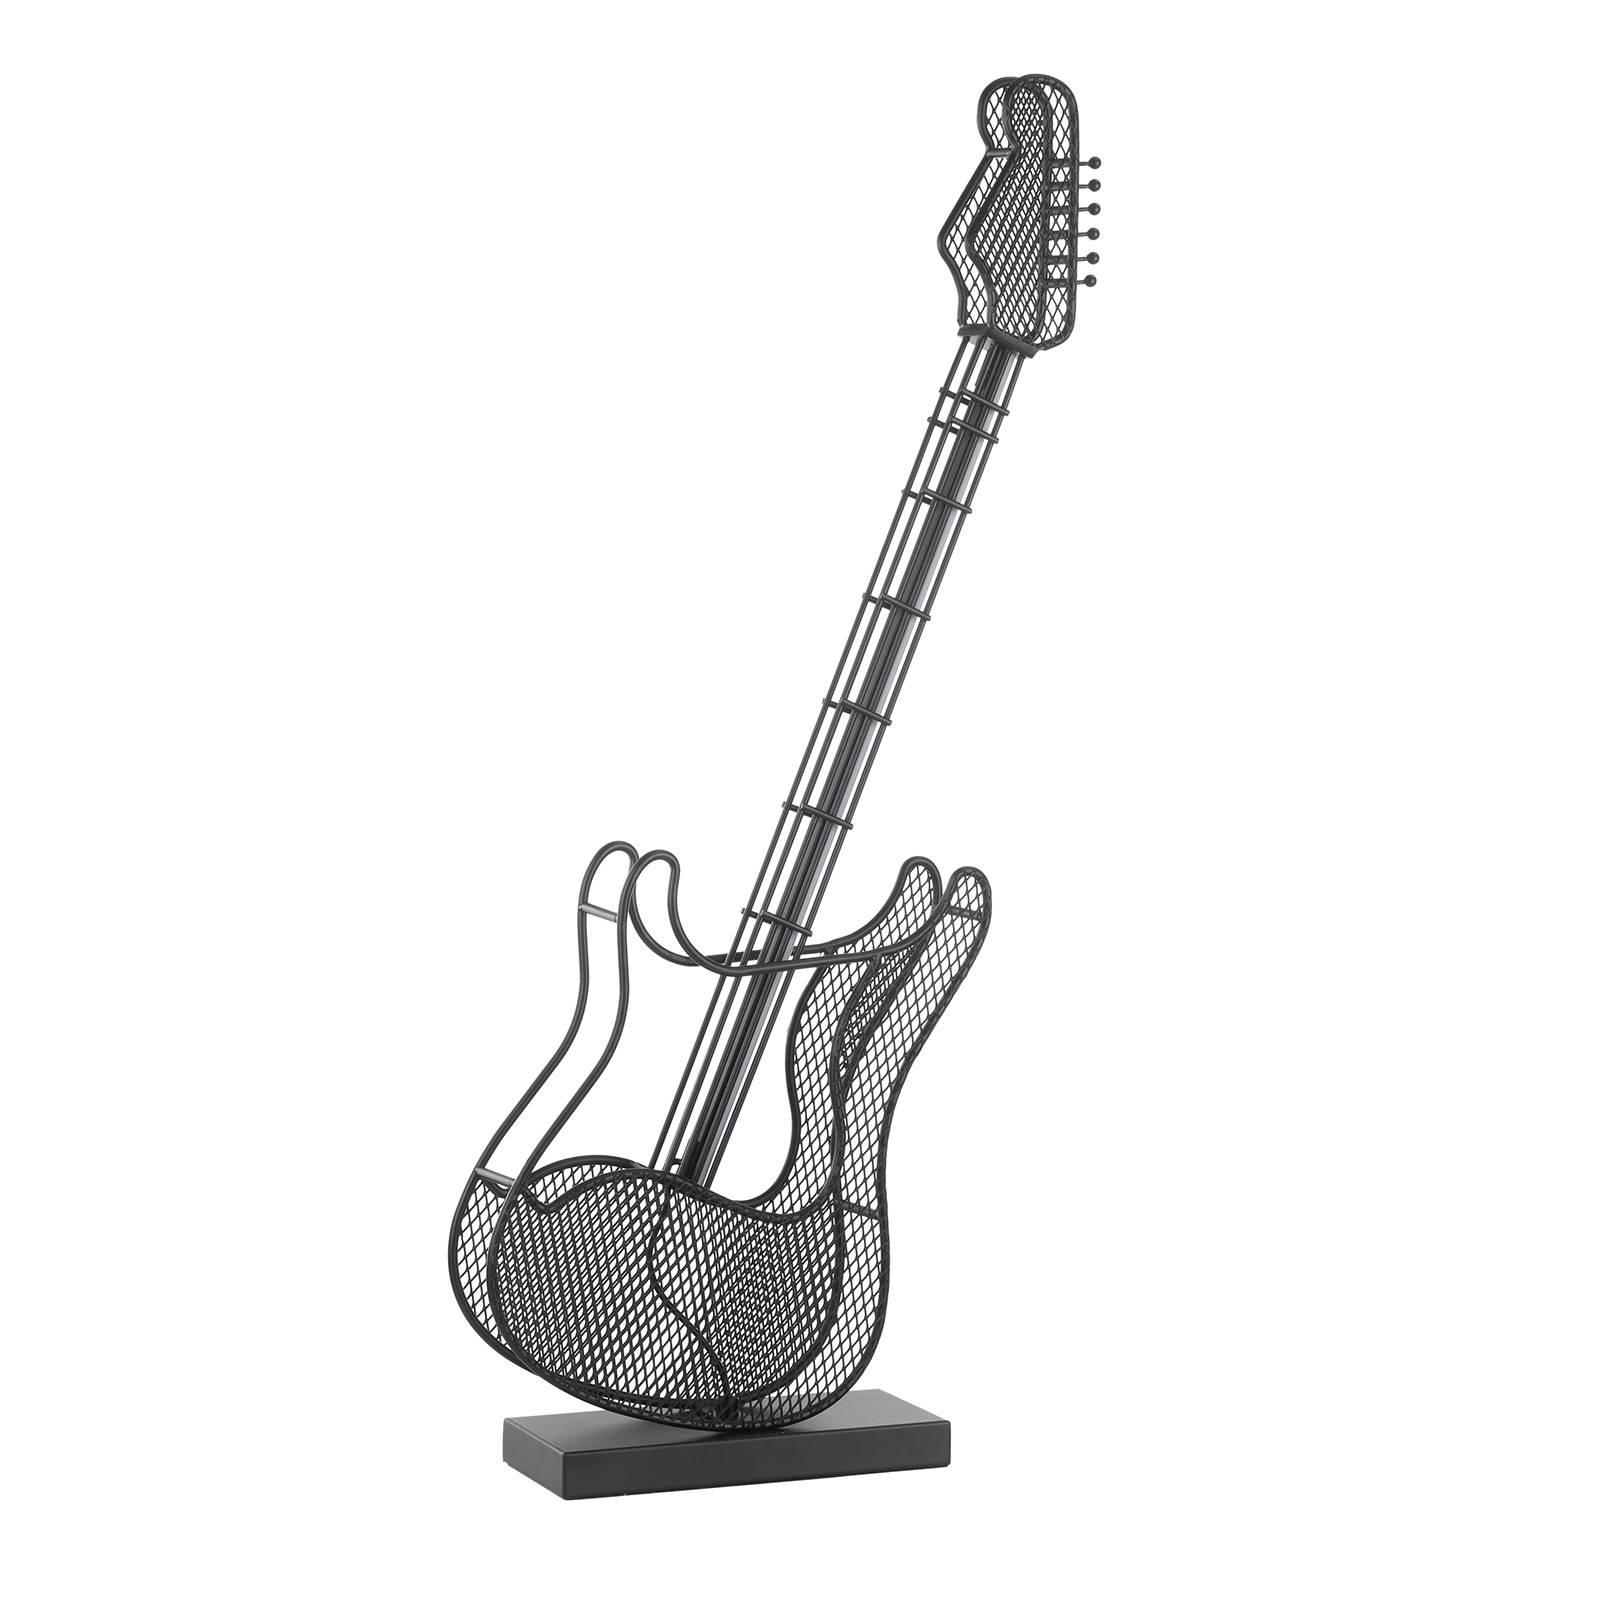 LED-lattiavalaisin Rock, kitaran muotoinen